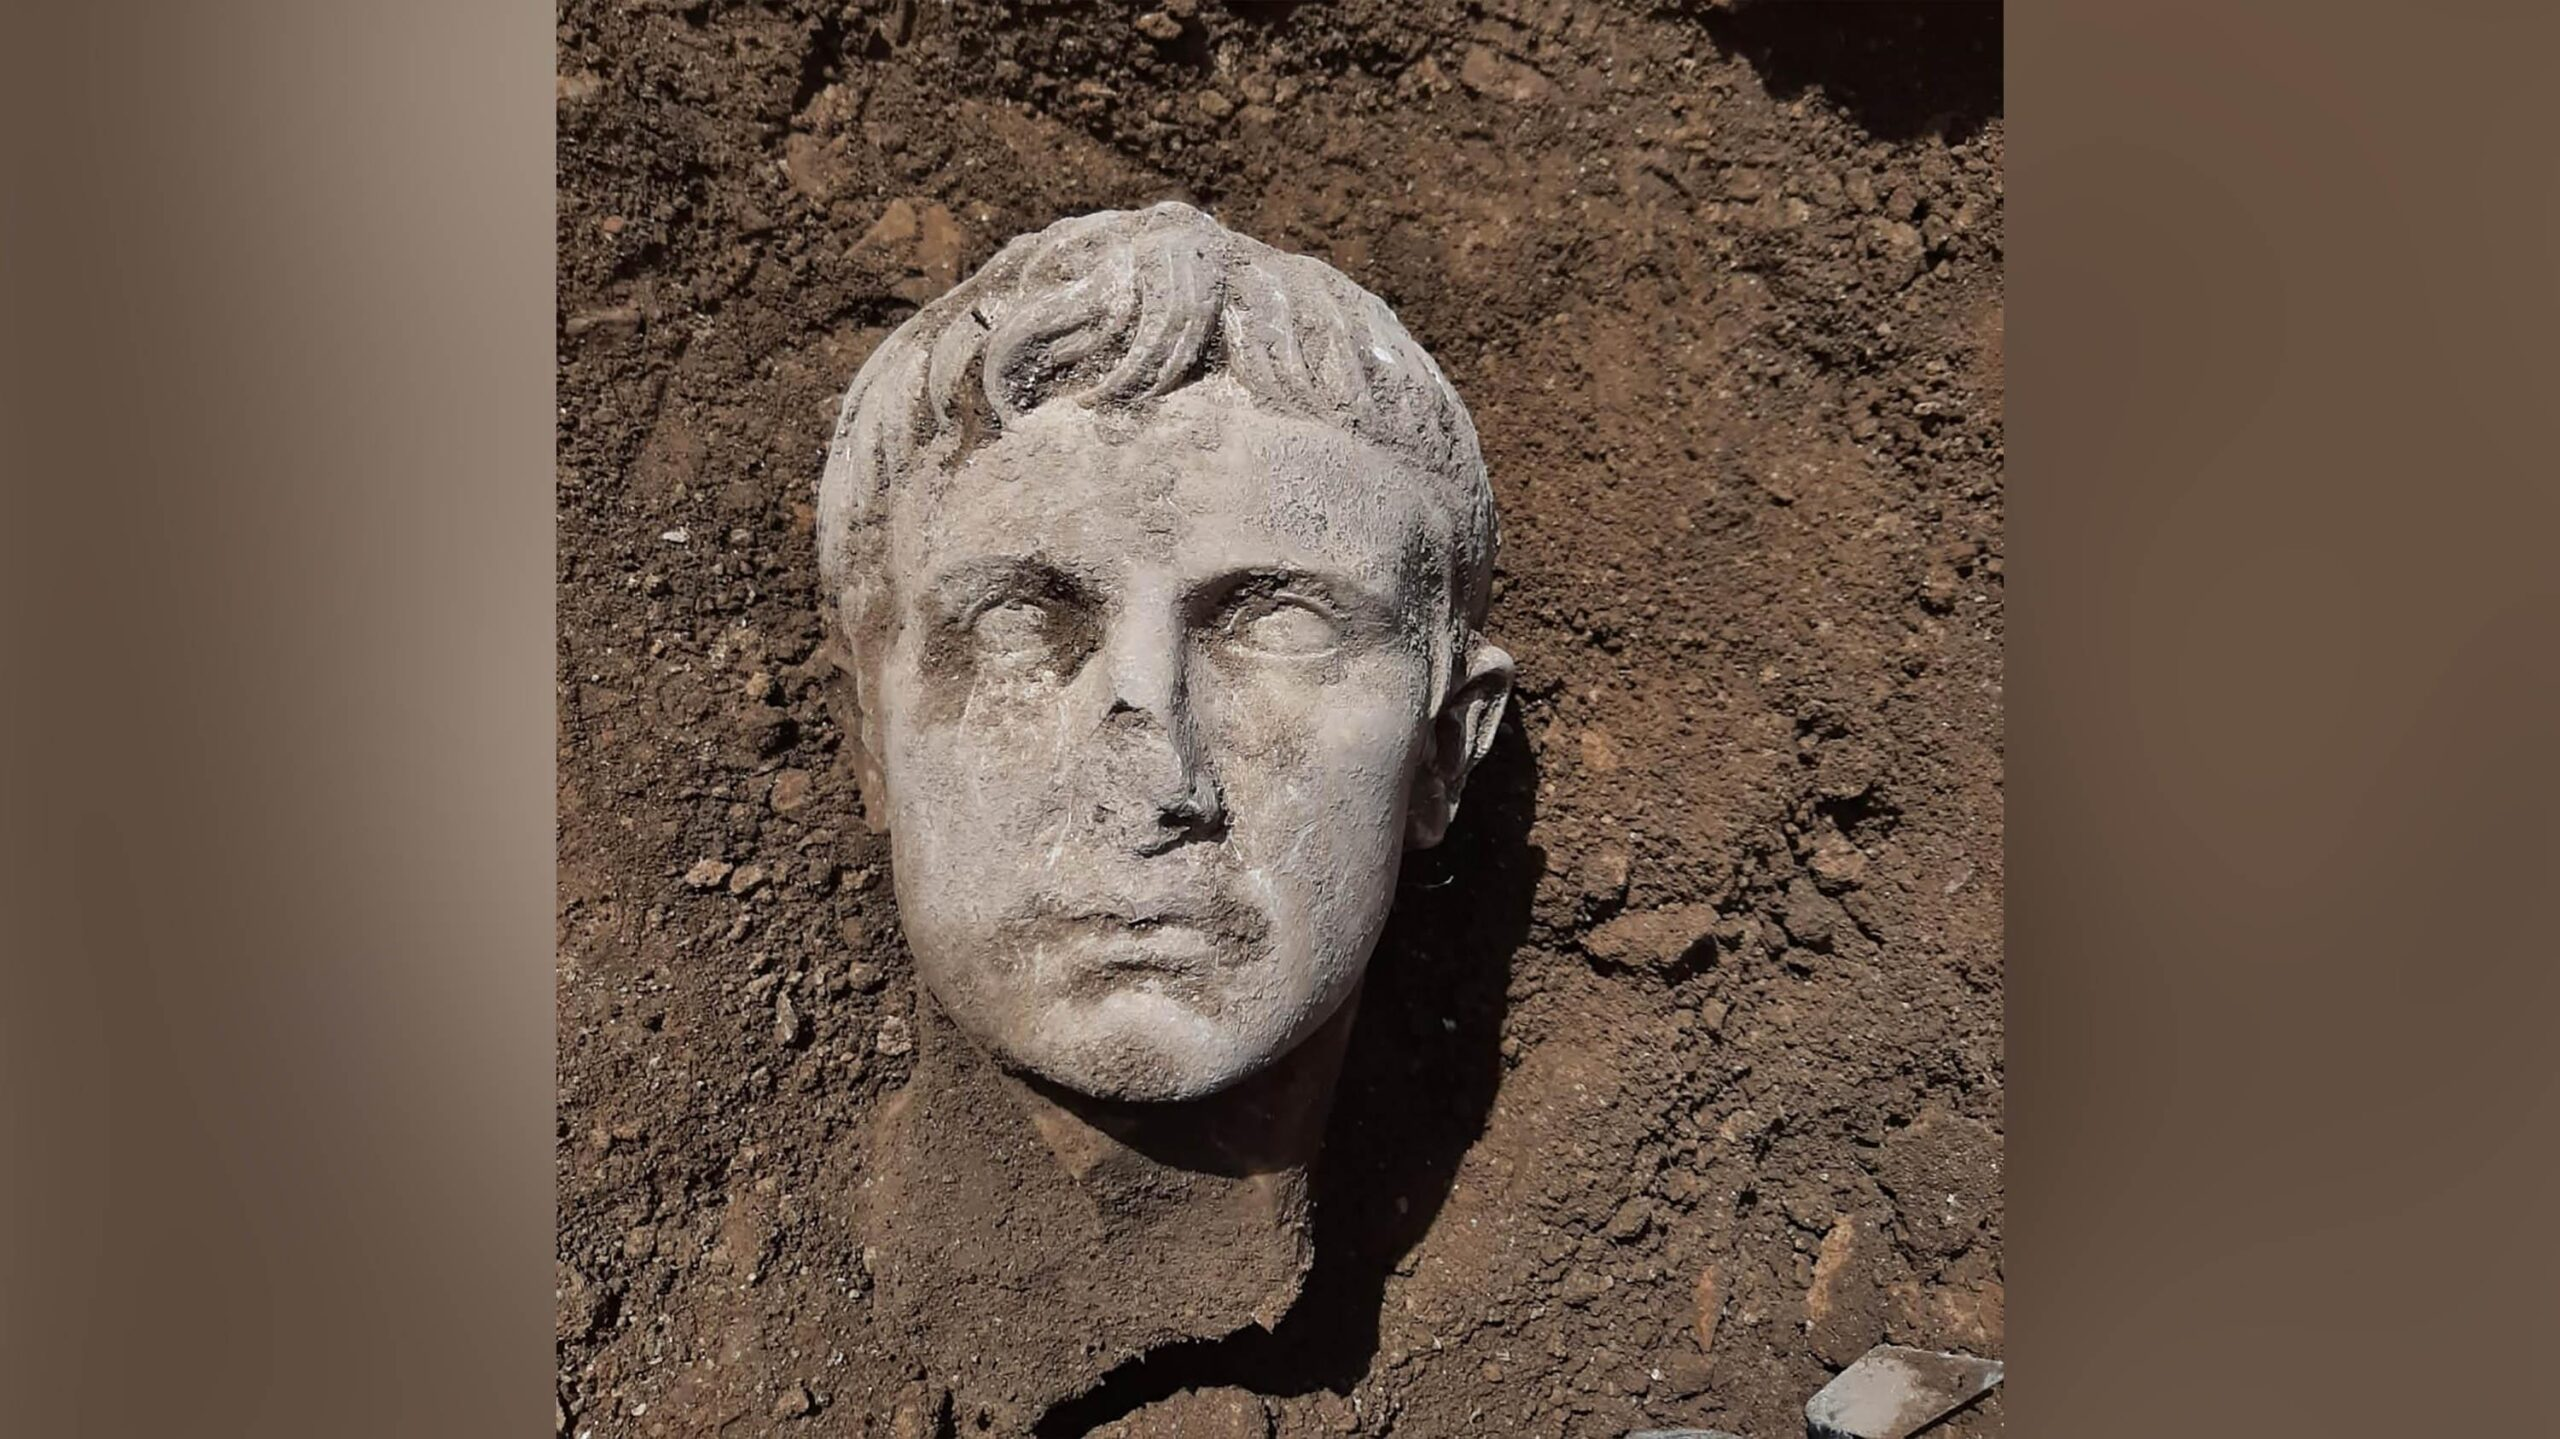 Cabeça de mármore de 2.000 anos do primeiro imperador de Roma é descoberta